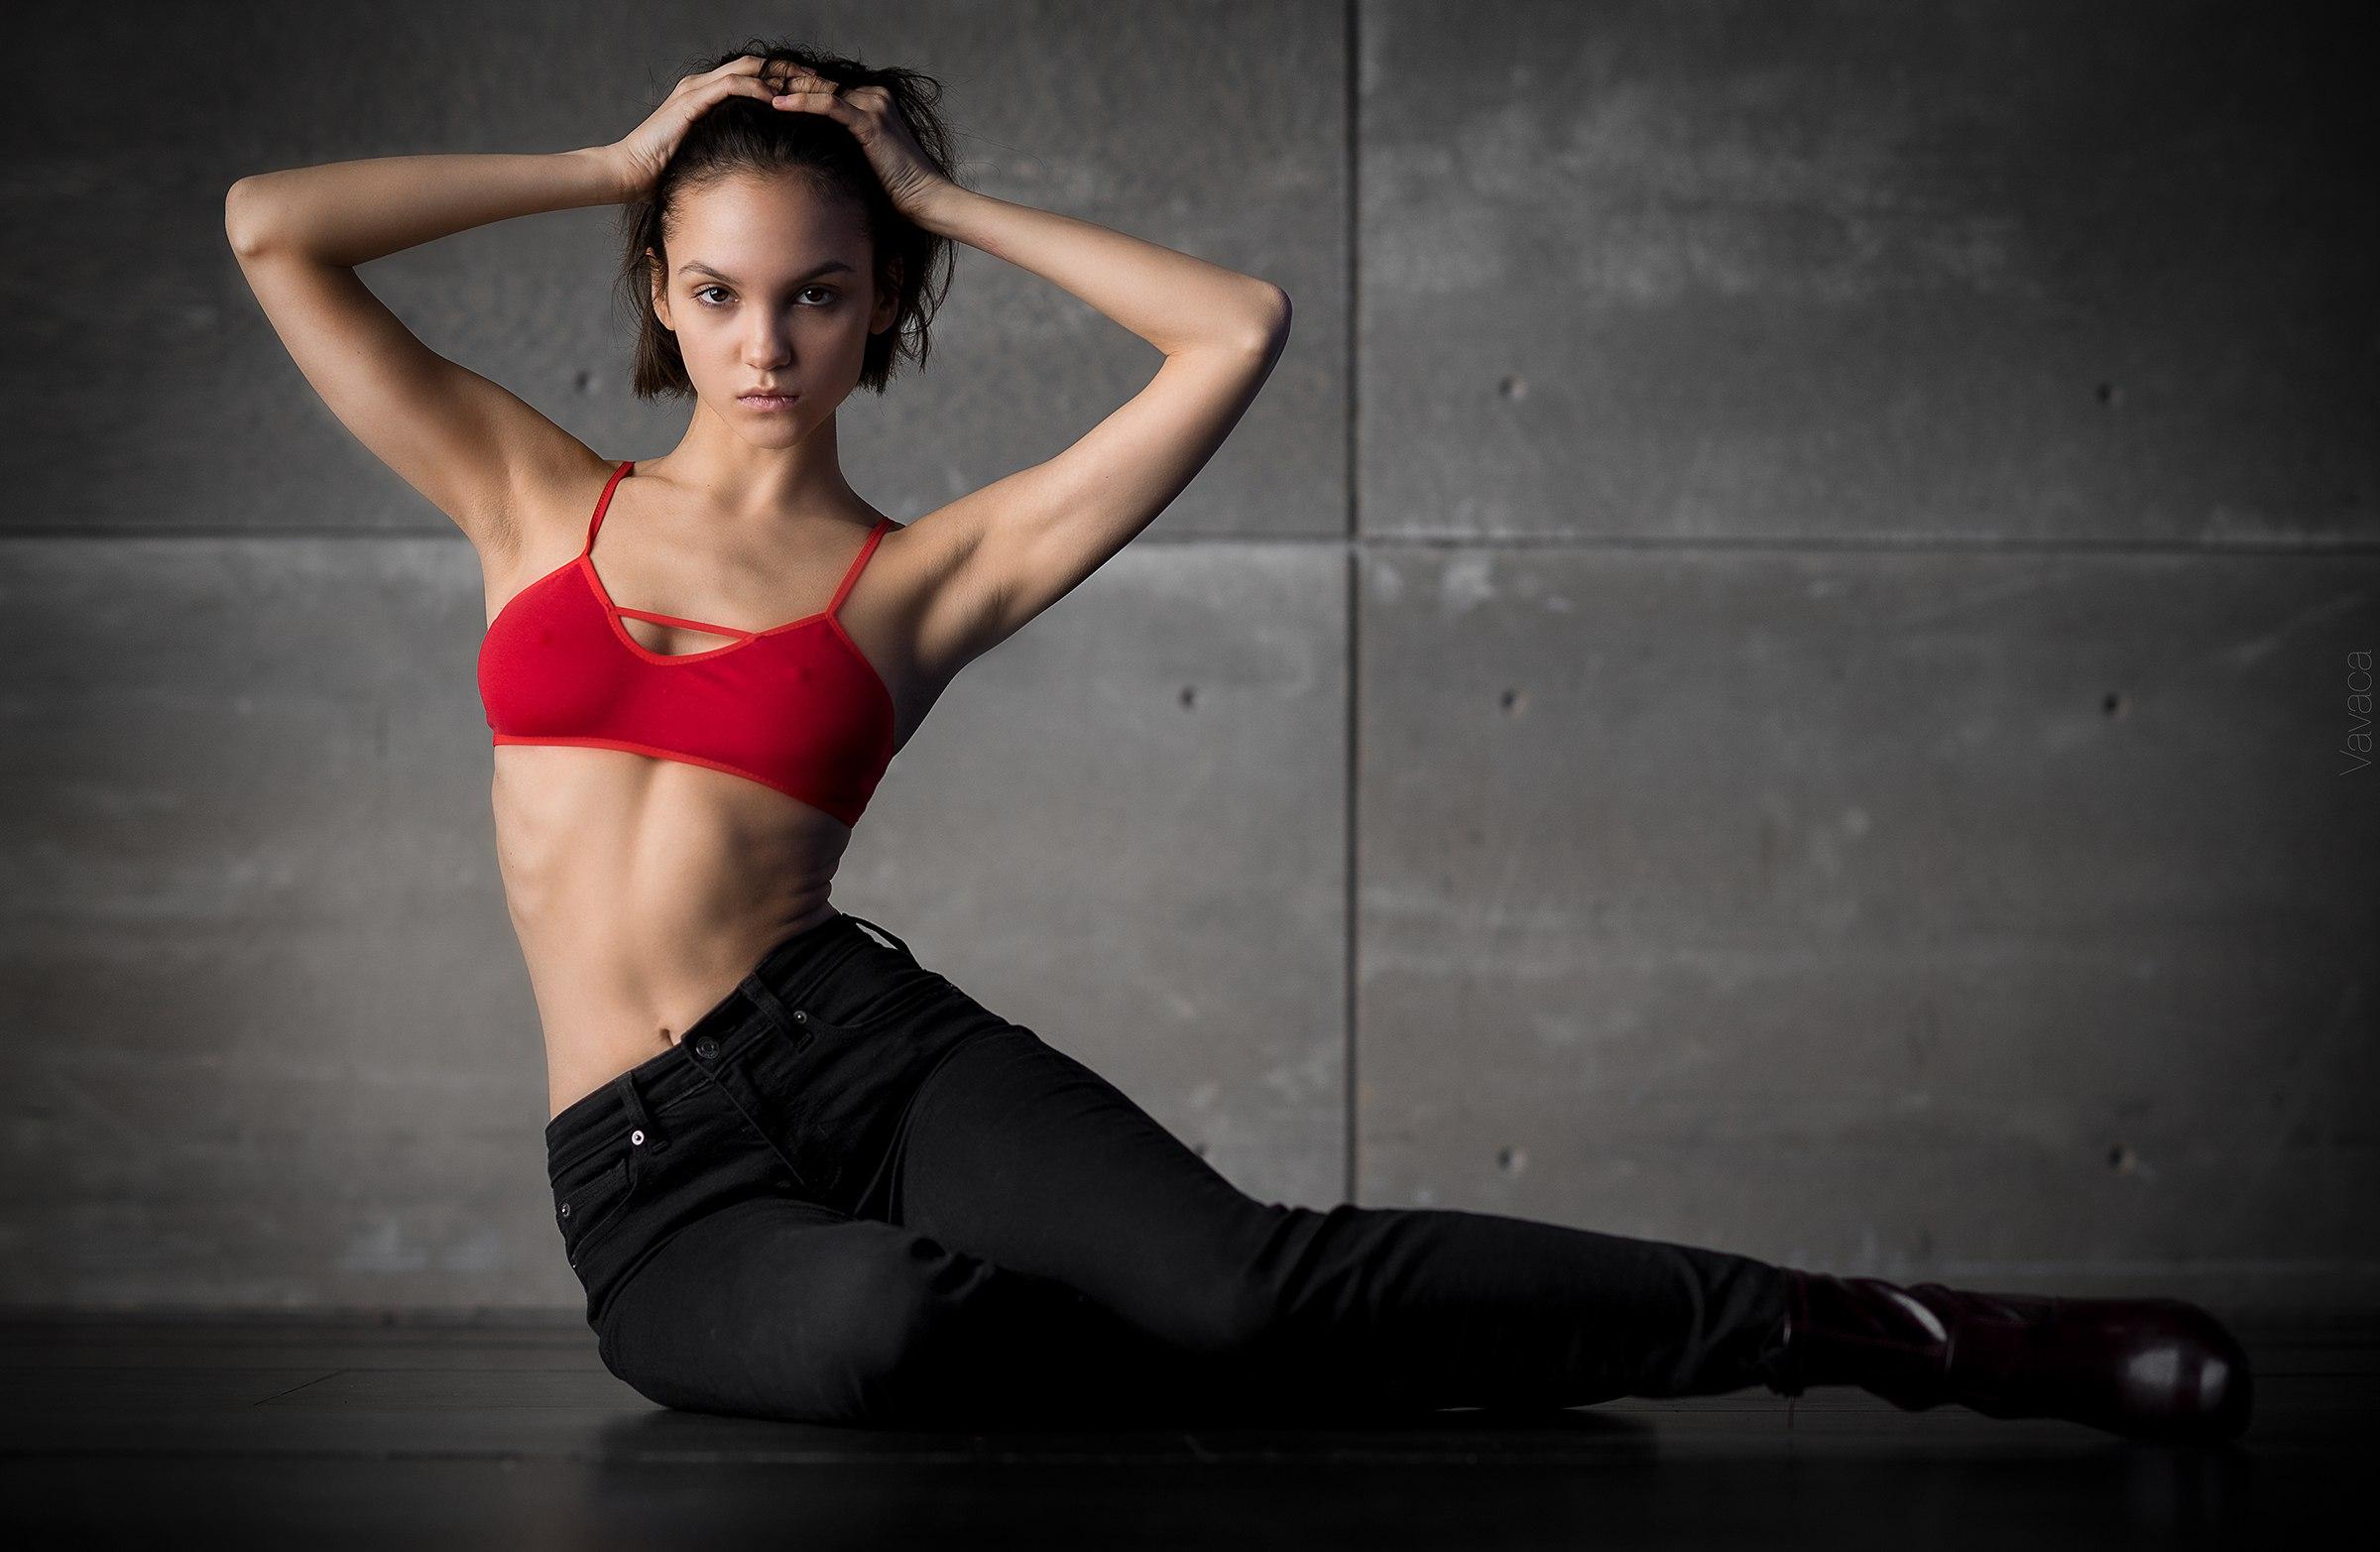 Photos Maria Demina nudes (29 photos), Topless, Sideboobs, Boobs, panties 2020